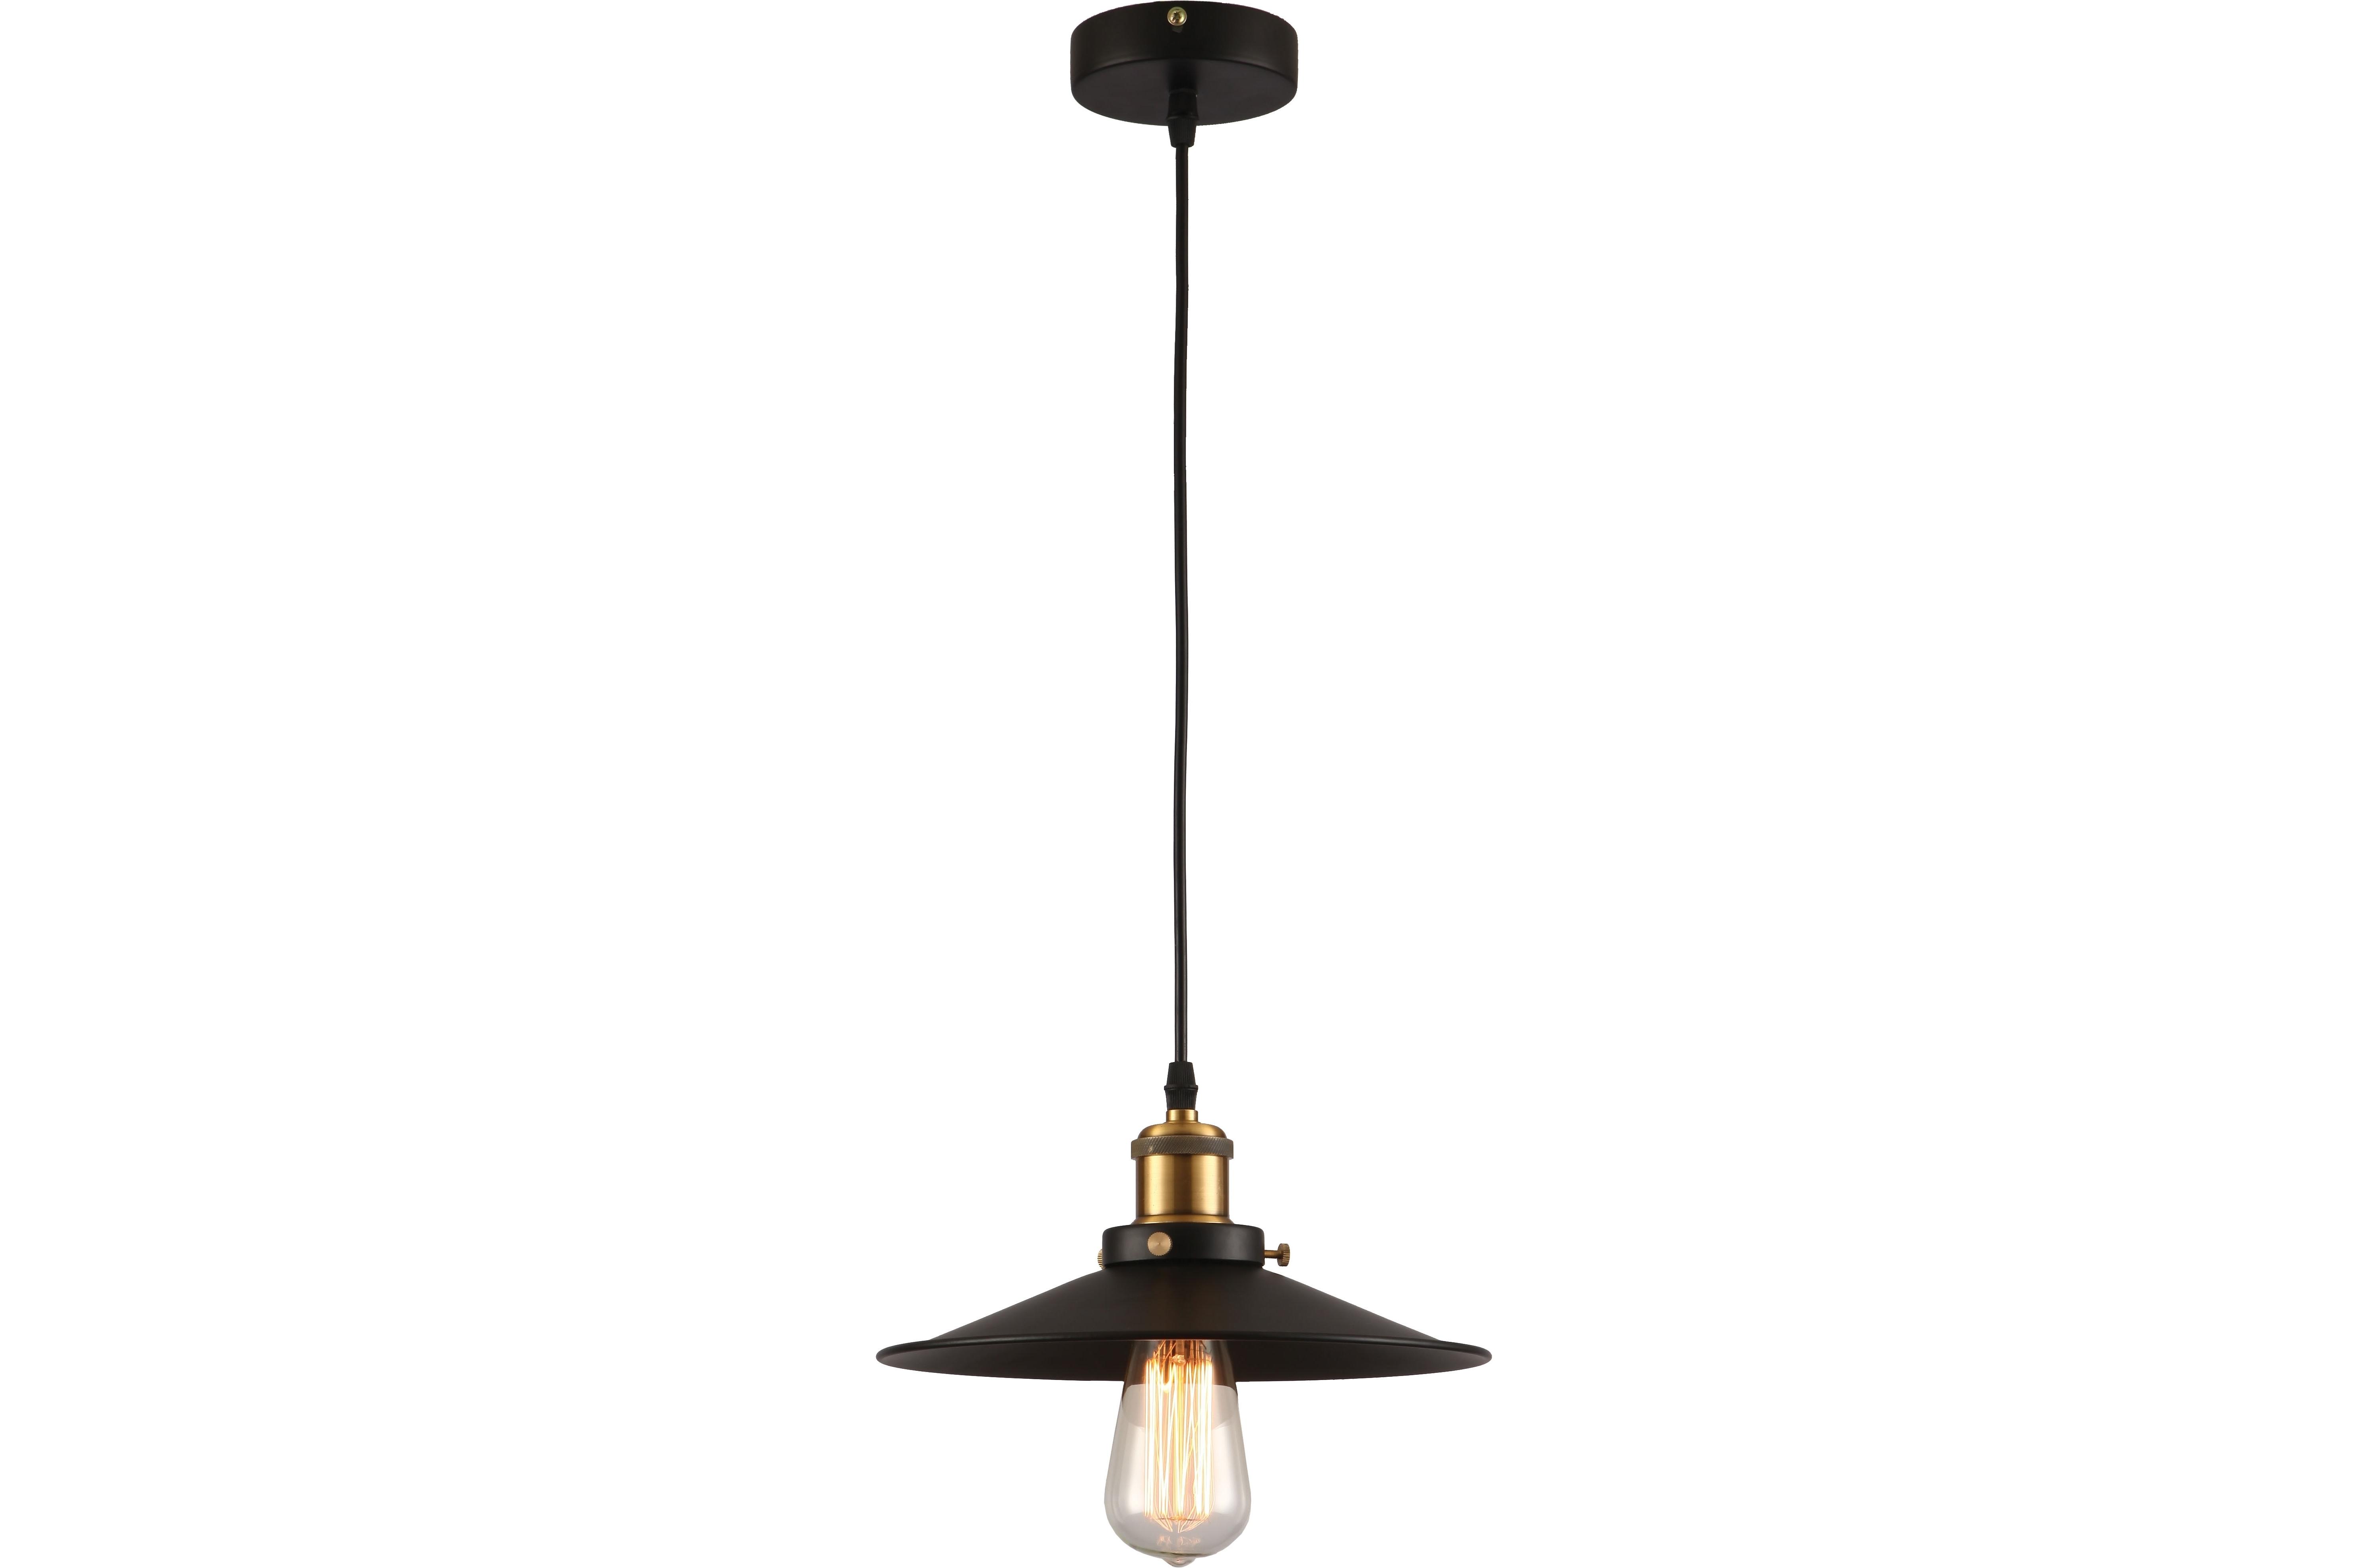 Подвесной светильникПодвесные светильники<br>Материал: металл<br>Лампочки в комплекте: 1*60W<br>Цоколь: E27<br>Цвет: золото, черный<br><br>Material: Металл<br>Height см: 120<br>Diameter см: 22